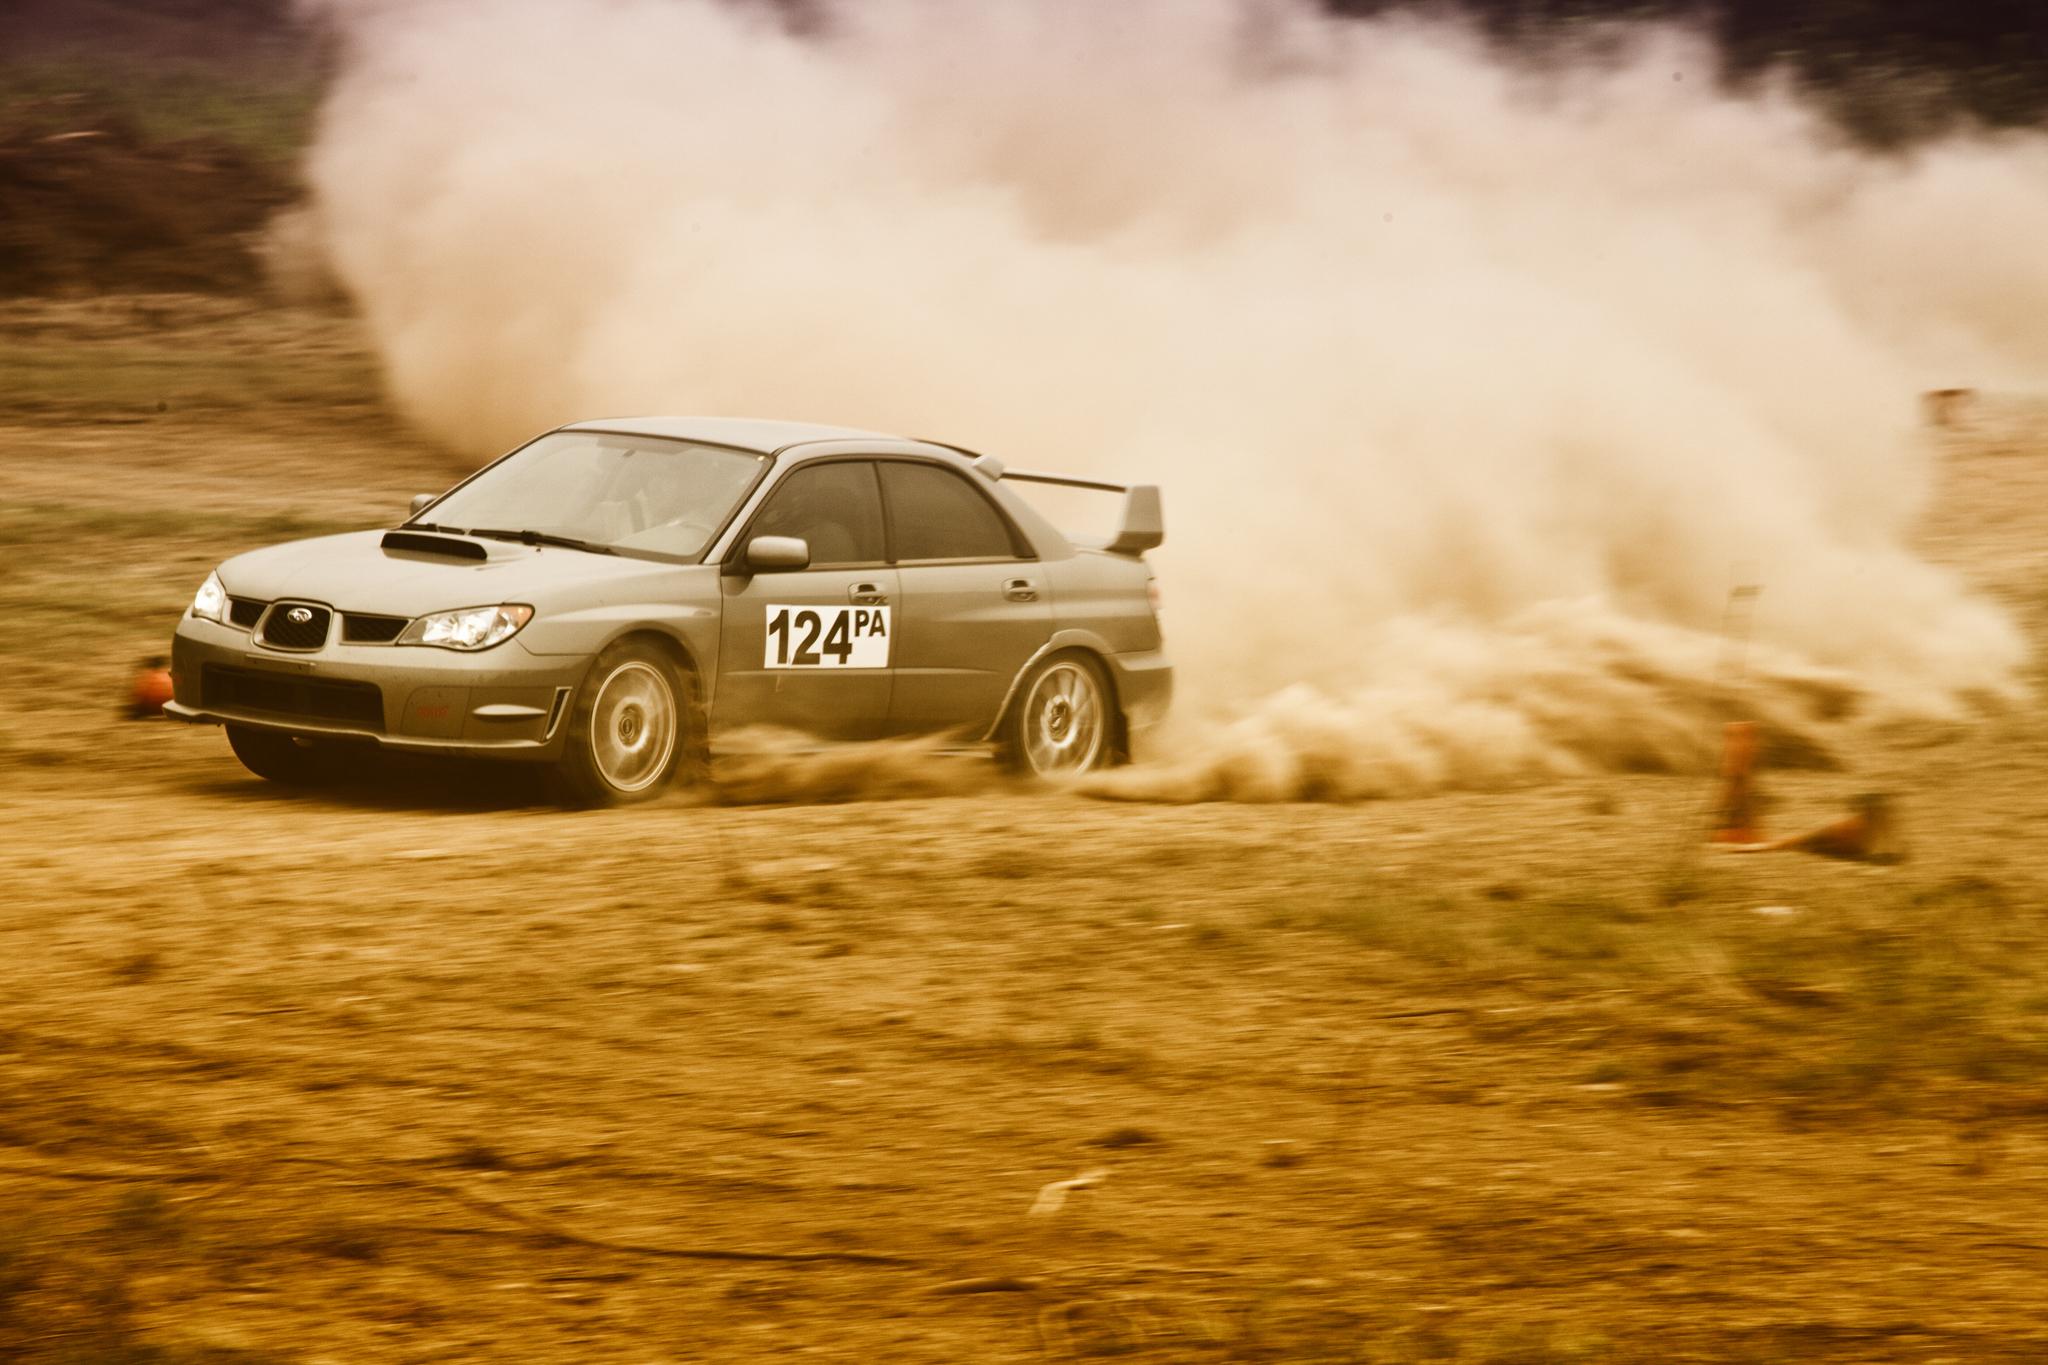 rallycross_event1_06.jpg